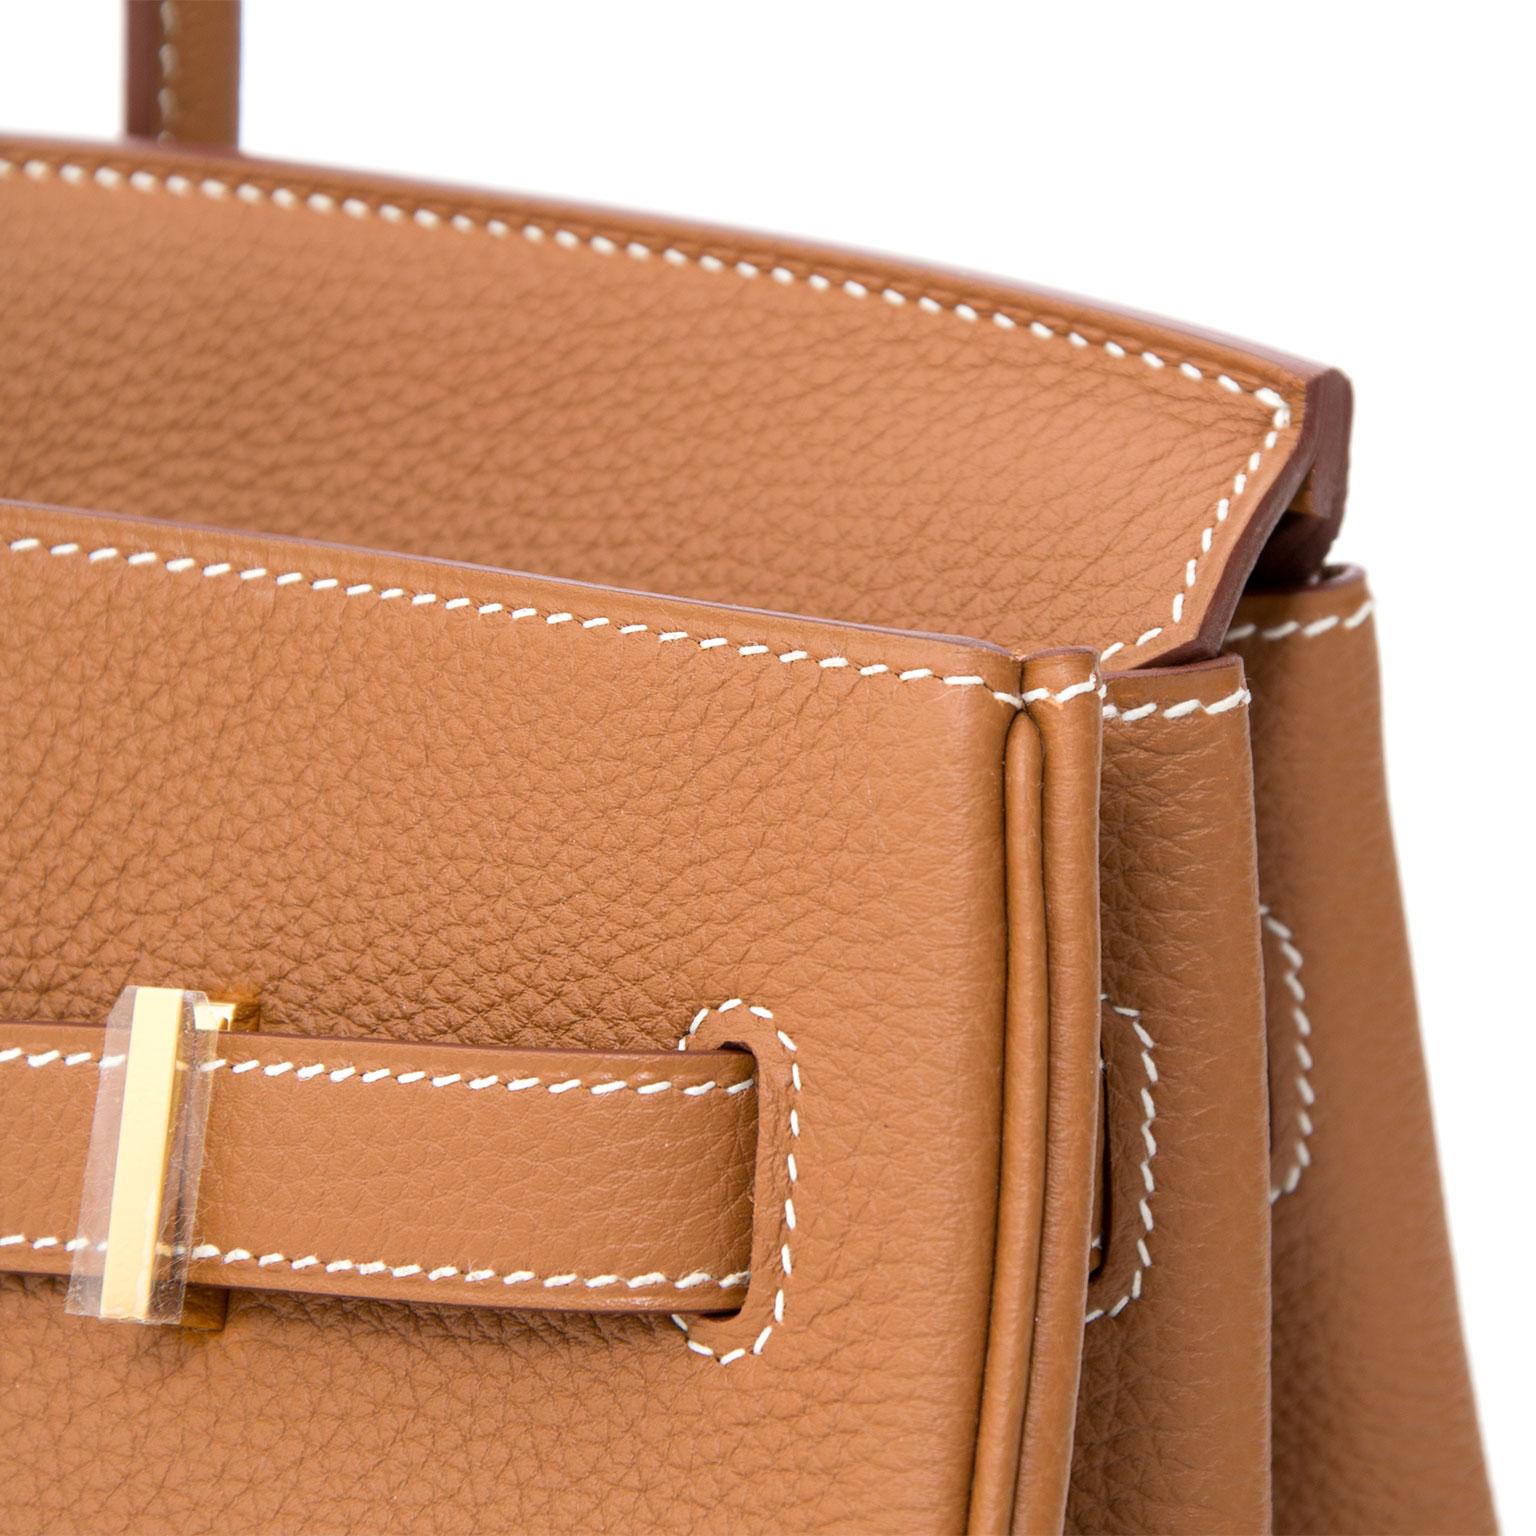 5b443989d9 ... Brand New Hermès Birkin 35 Gold GHW Togo achter en ligne pour le  meilleur prix pour · Hermes